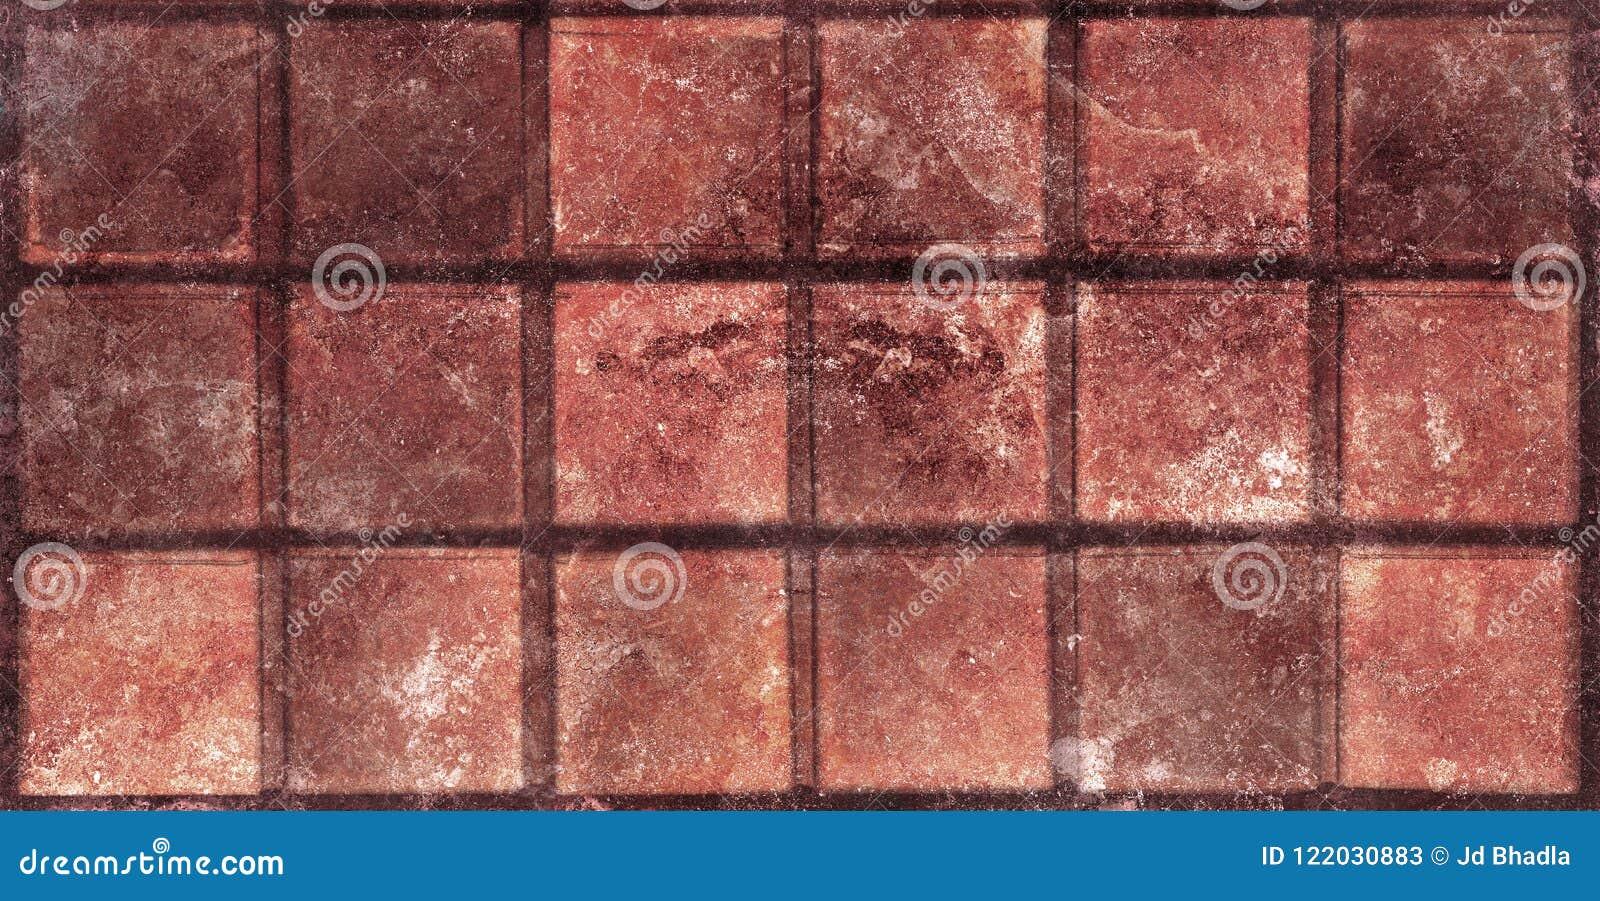 Tessere beige scure progettazione del mosaico delle piastrelle